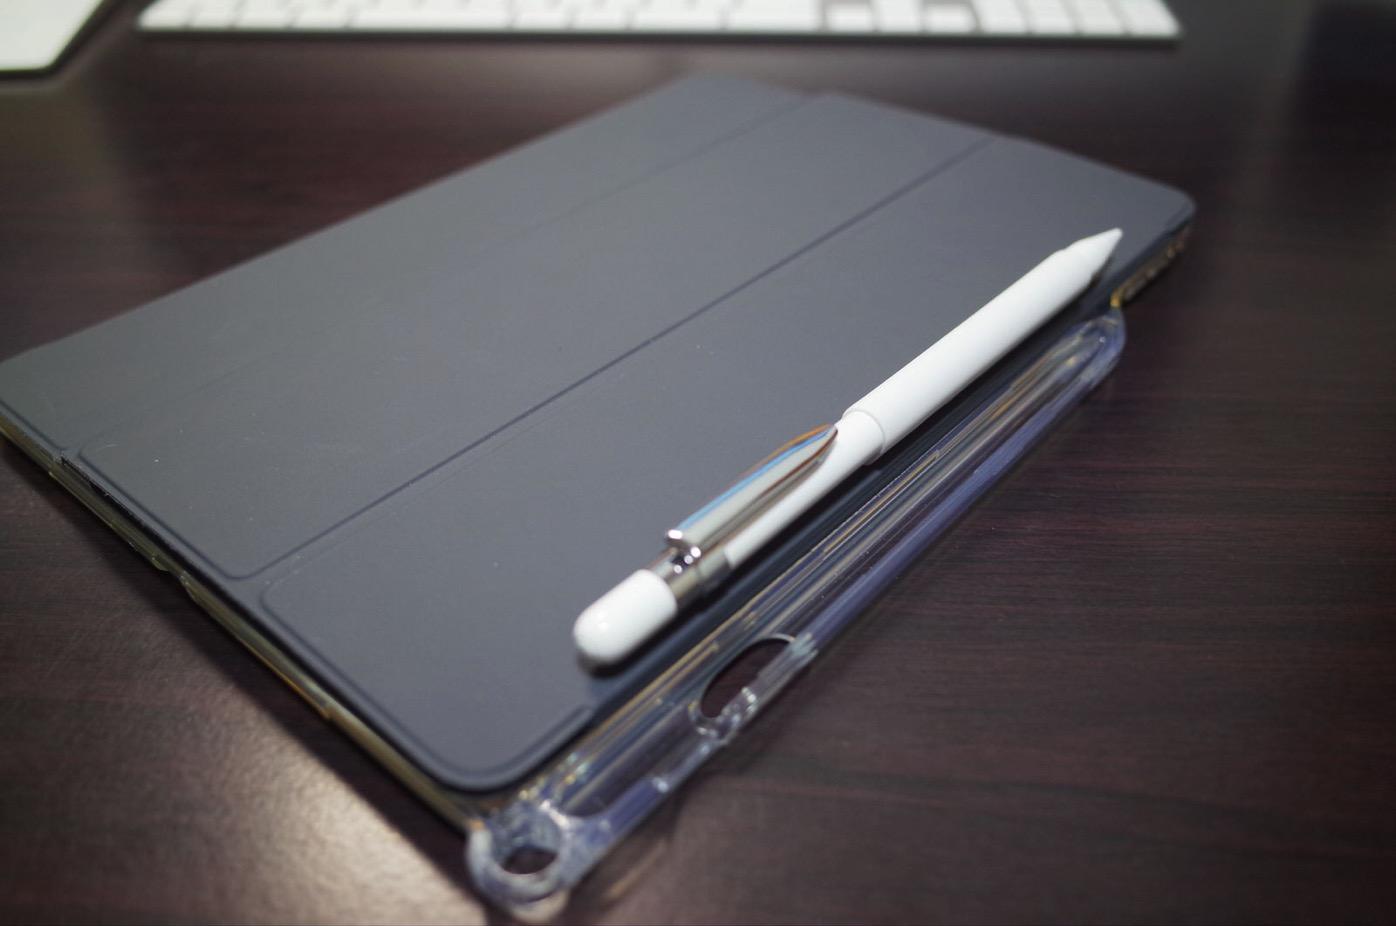 マグネット付きシリコン製 Apple Pencil用グリップ-9